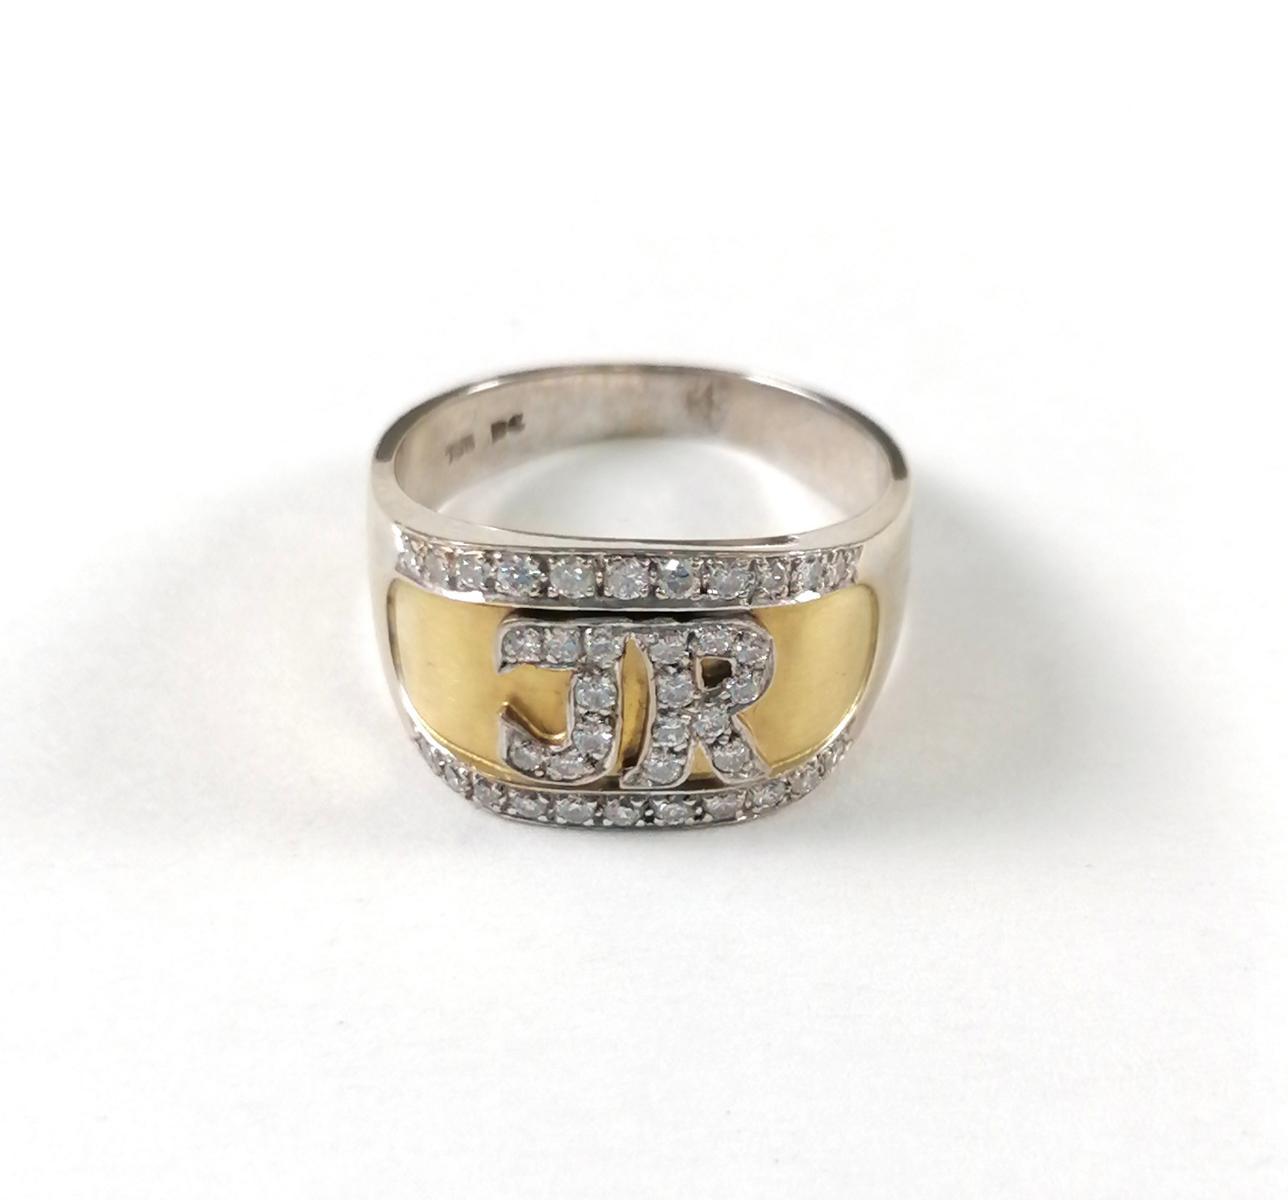 18 Karat Goldring mit Diamanten und Monogramm 'JR'-2